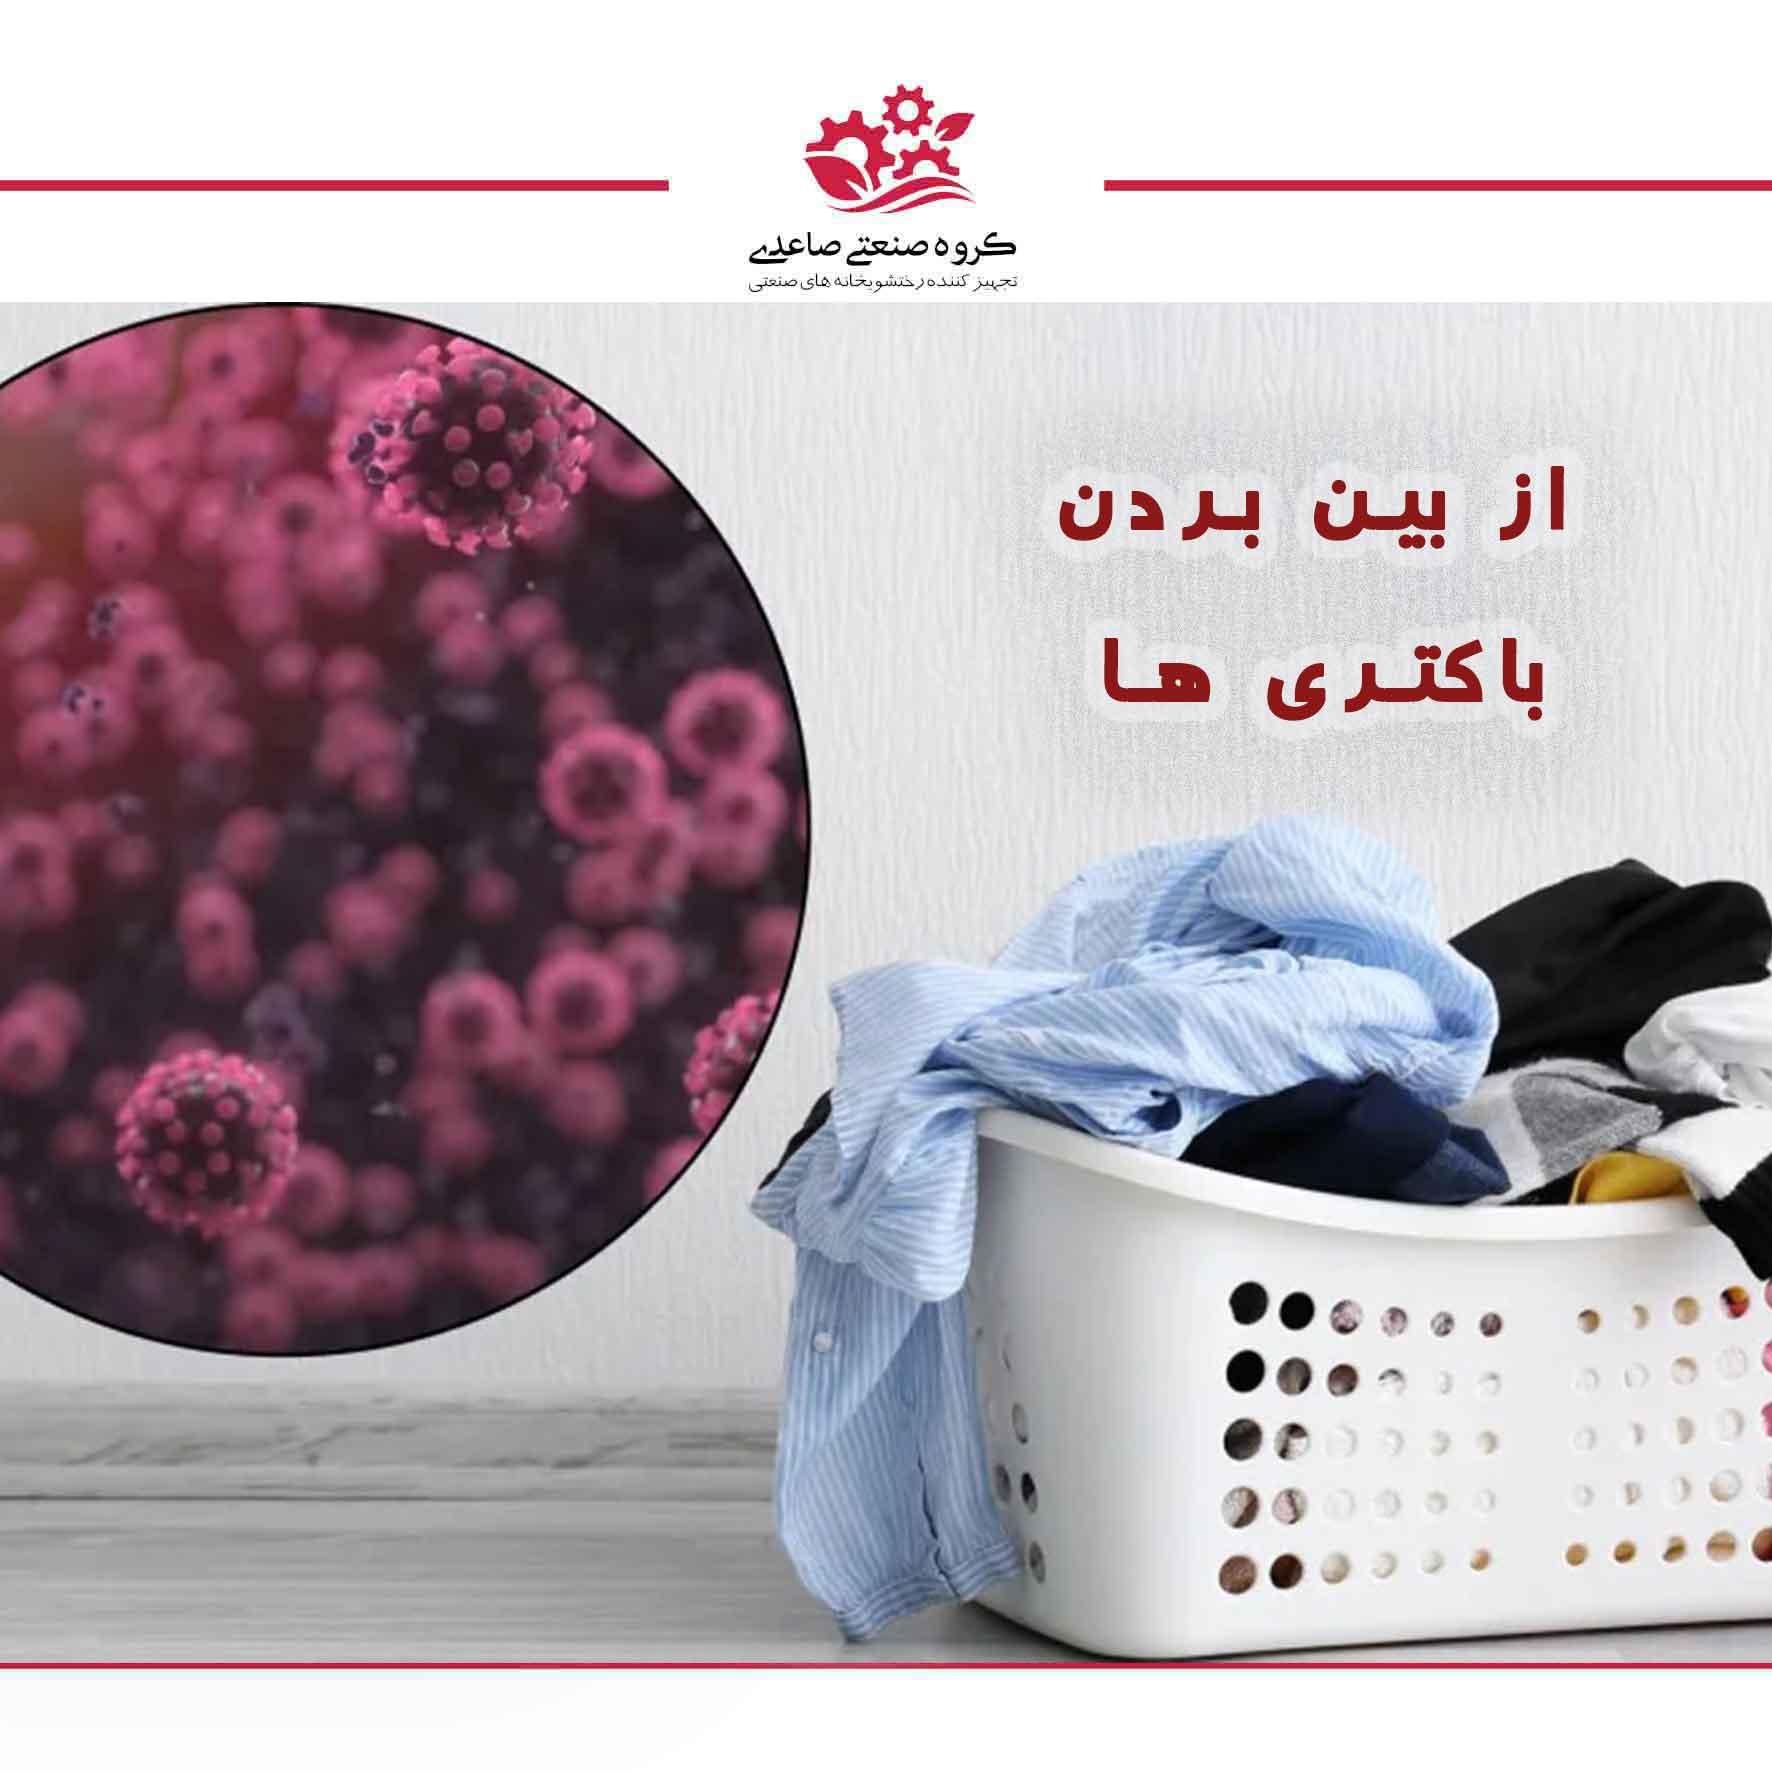 باکتری های لباس و ماشین لباسشویی